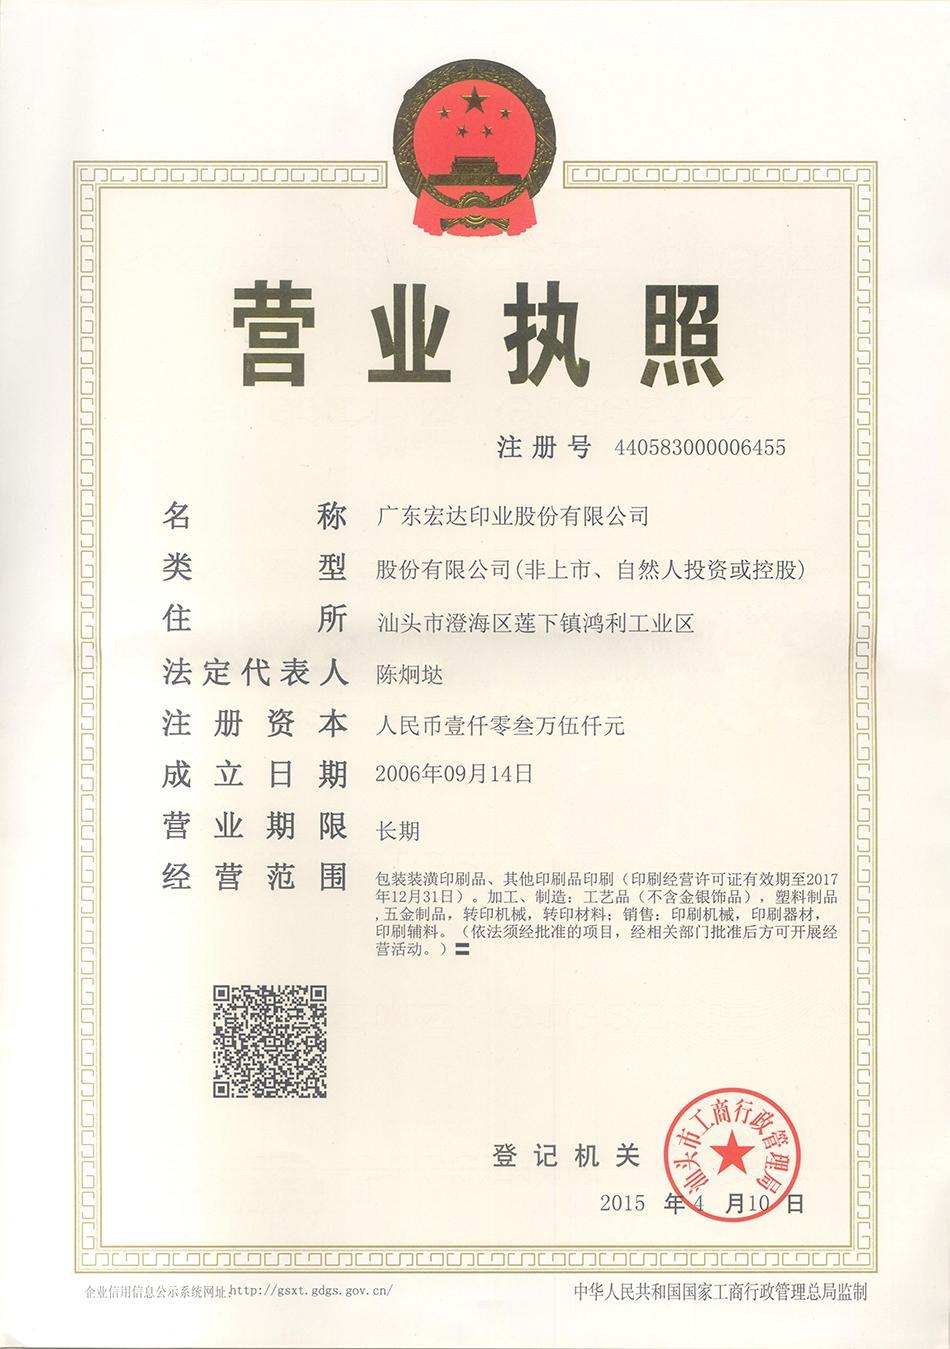 广东宏达印业股份有限公司营业执照